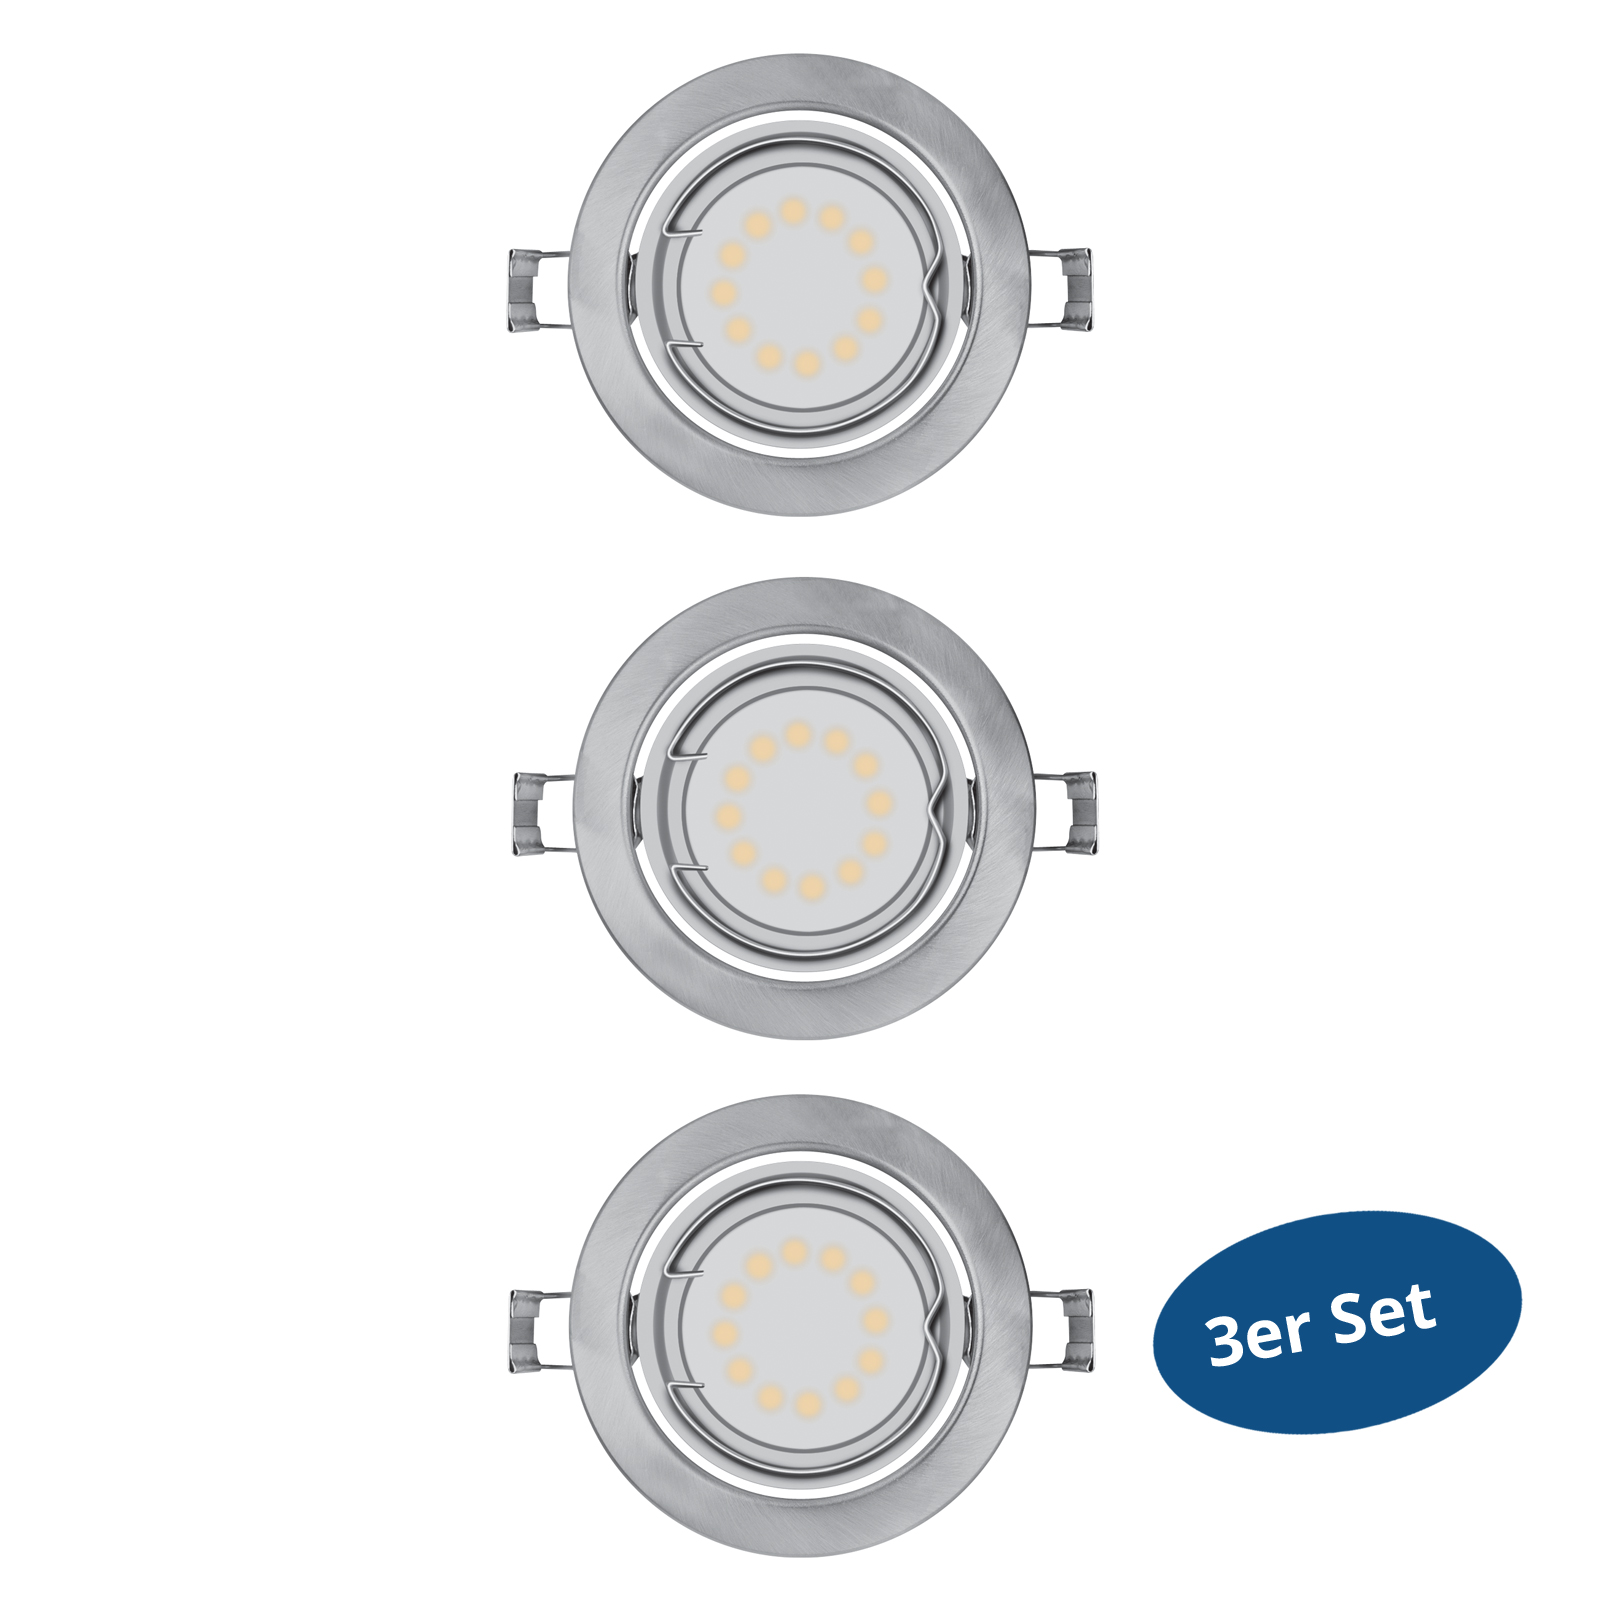 osram led downlights par16 gu10 120 3watt 240lm warm white austauschbar 3er set ebay. Black Bedroom Furniture Sets. Home Design Ideas